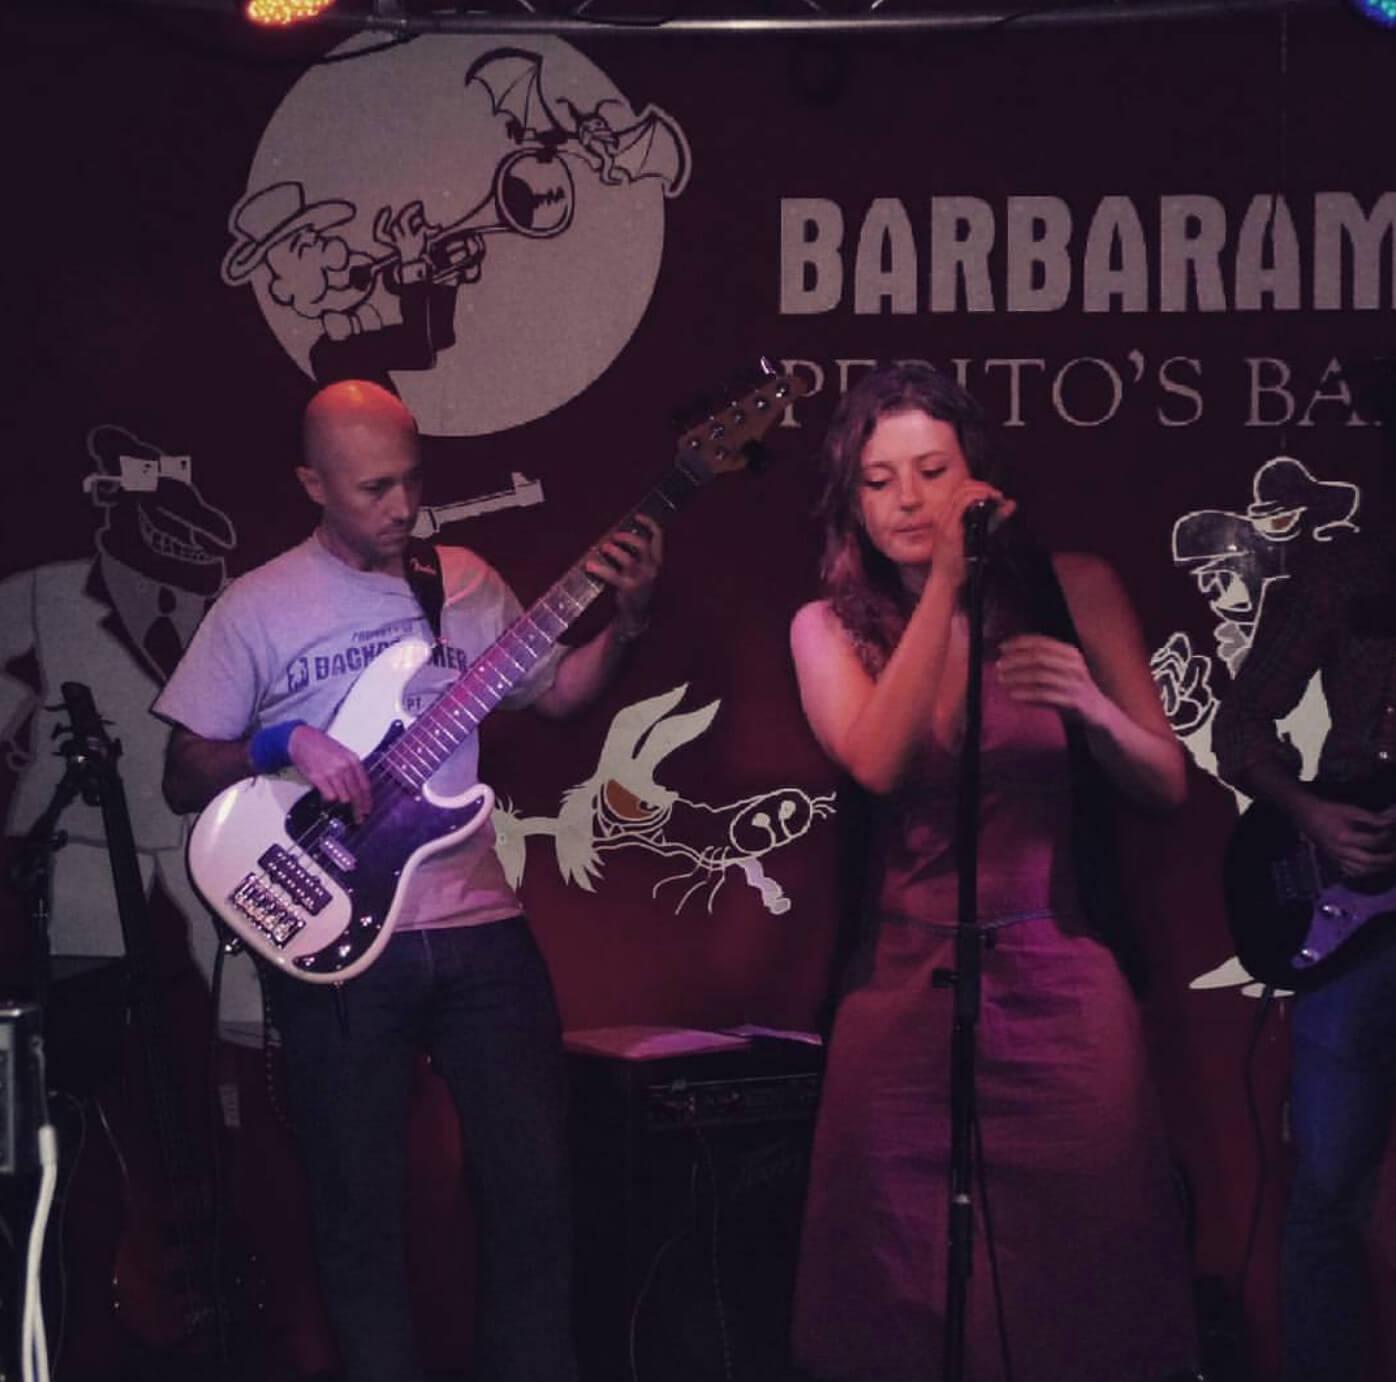 First concert in Barbaram Venue (Nuevo Vedado – Havana)